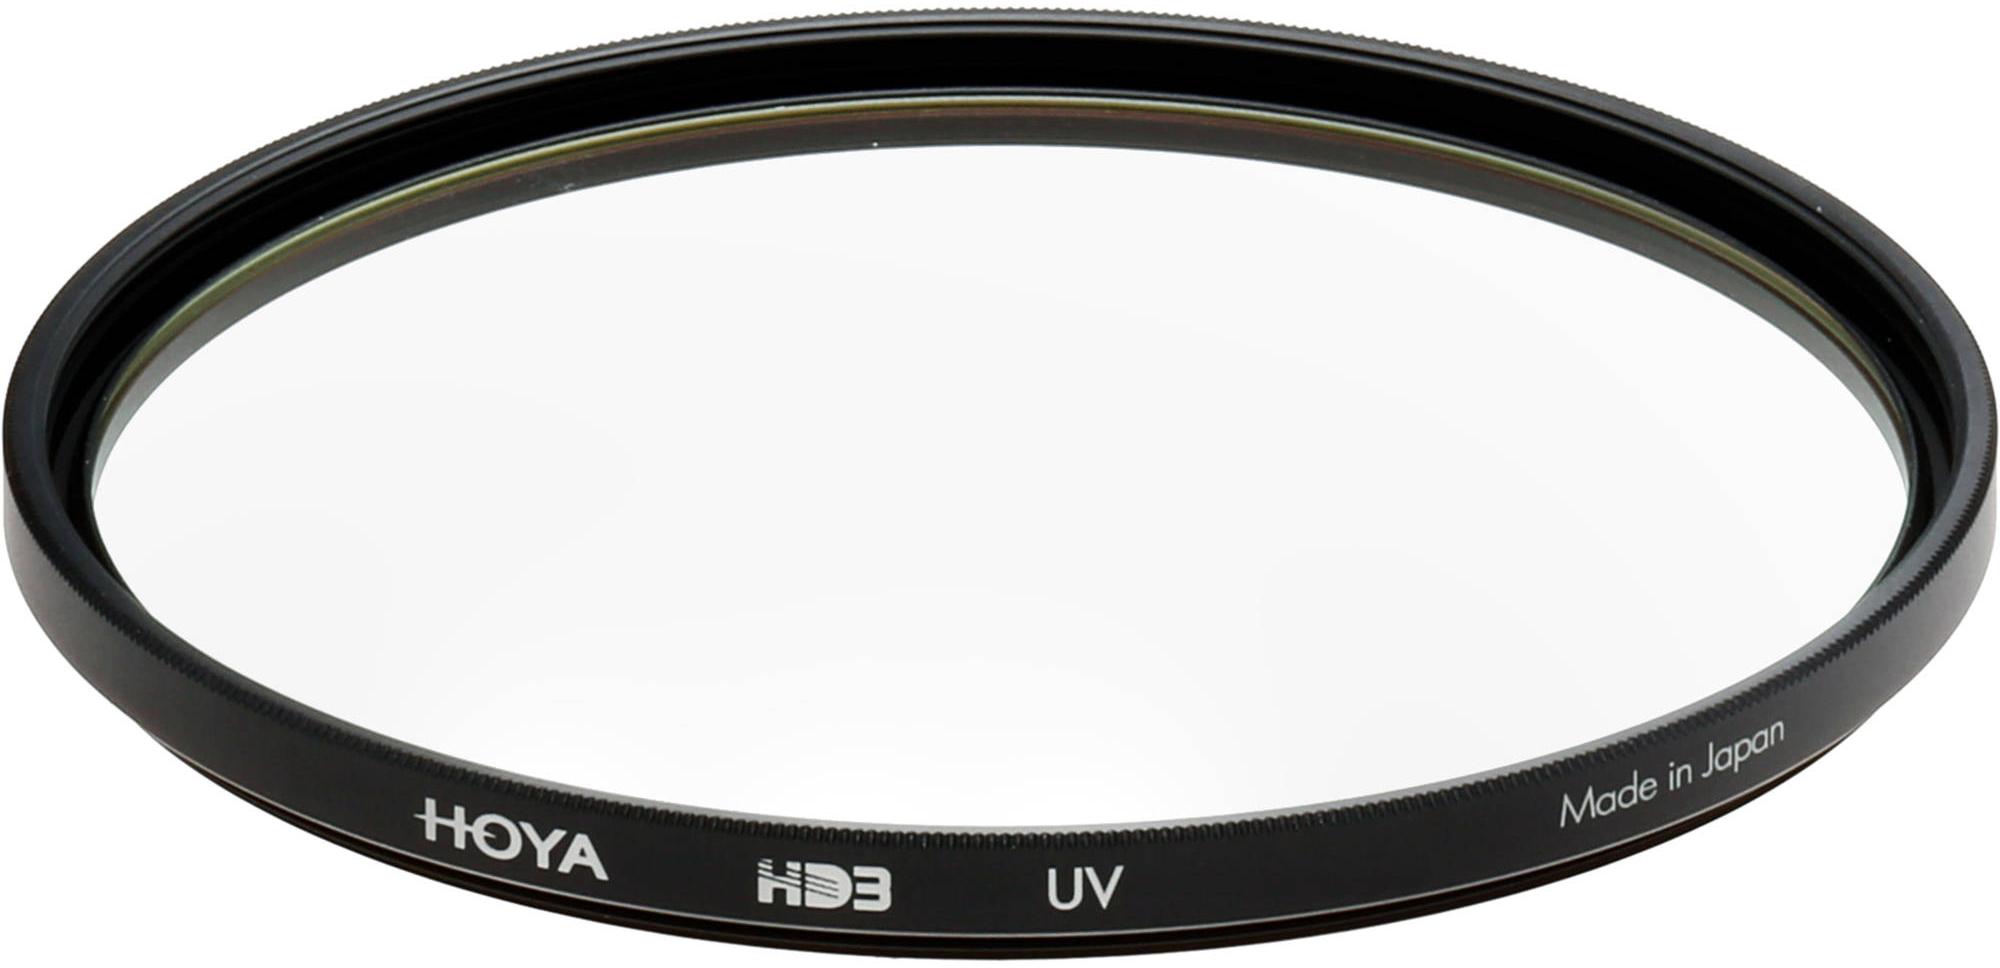 Hoya 77mm HD3 UV Filter